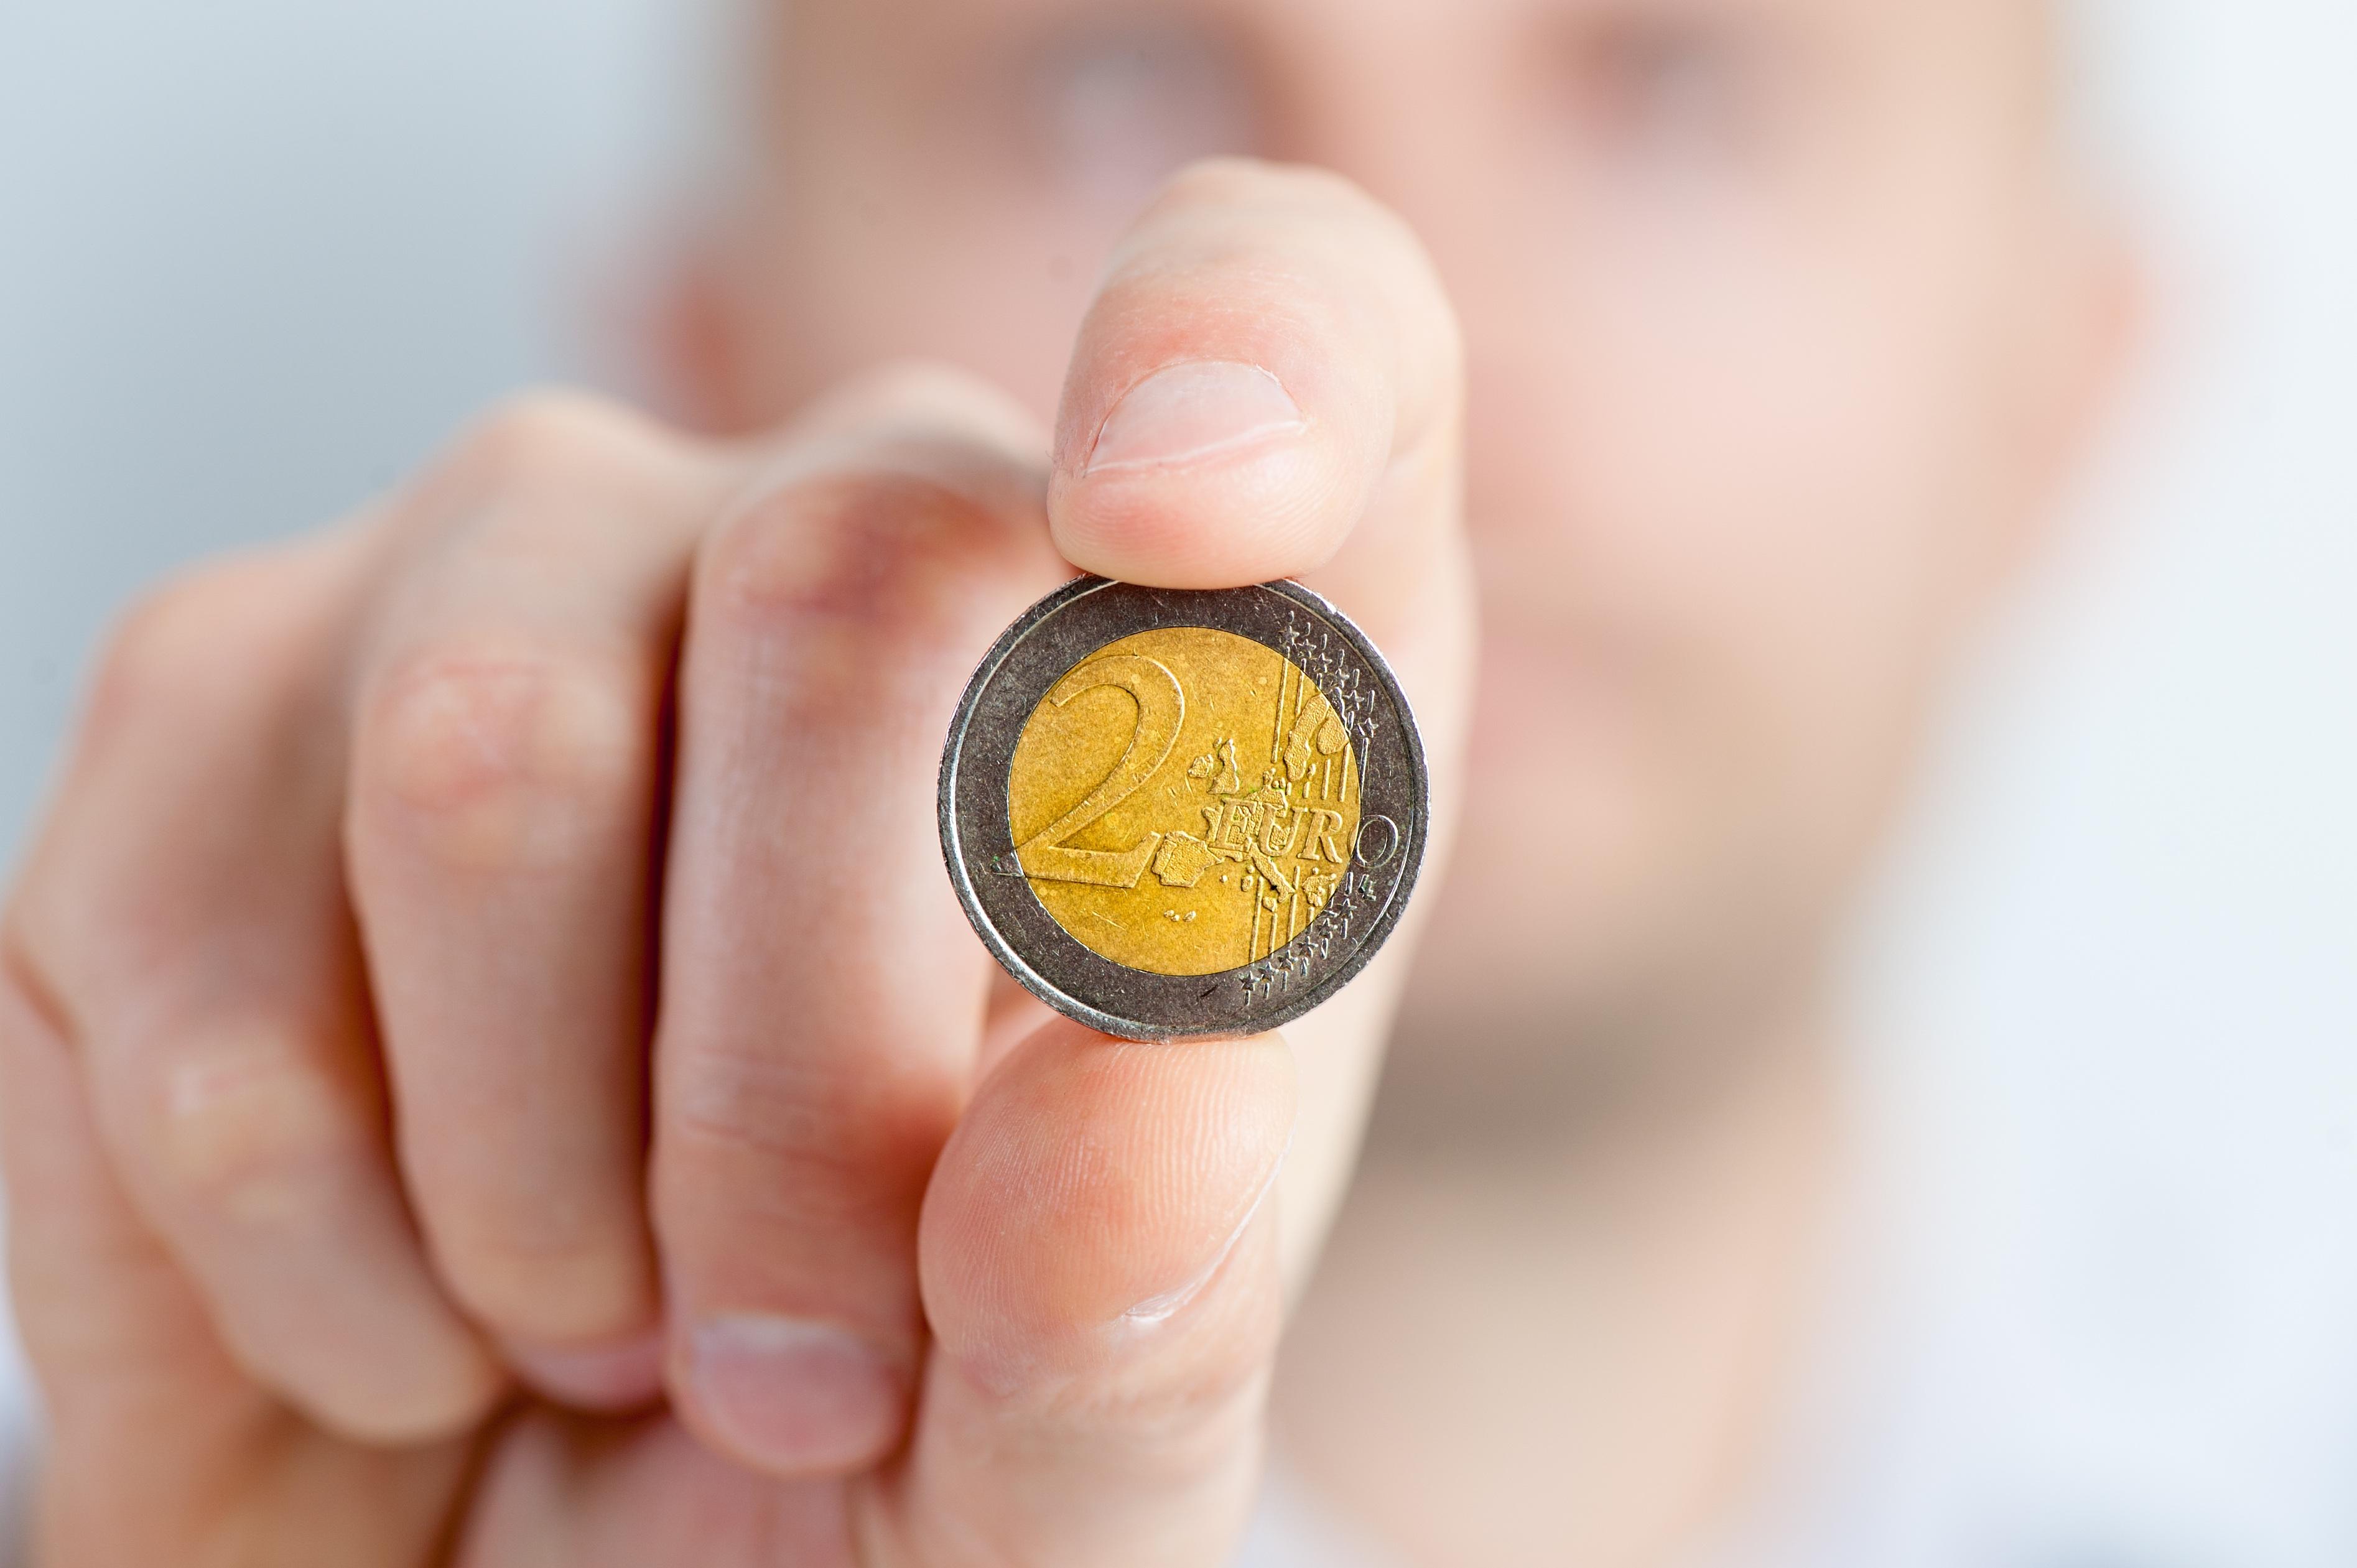 Študenti a financie: Ako sme na tom so šetrením či výdavkami?